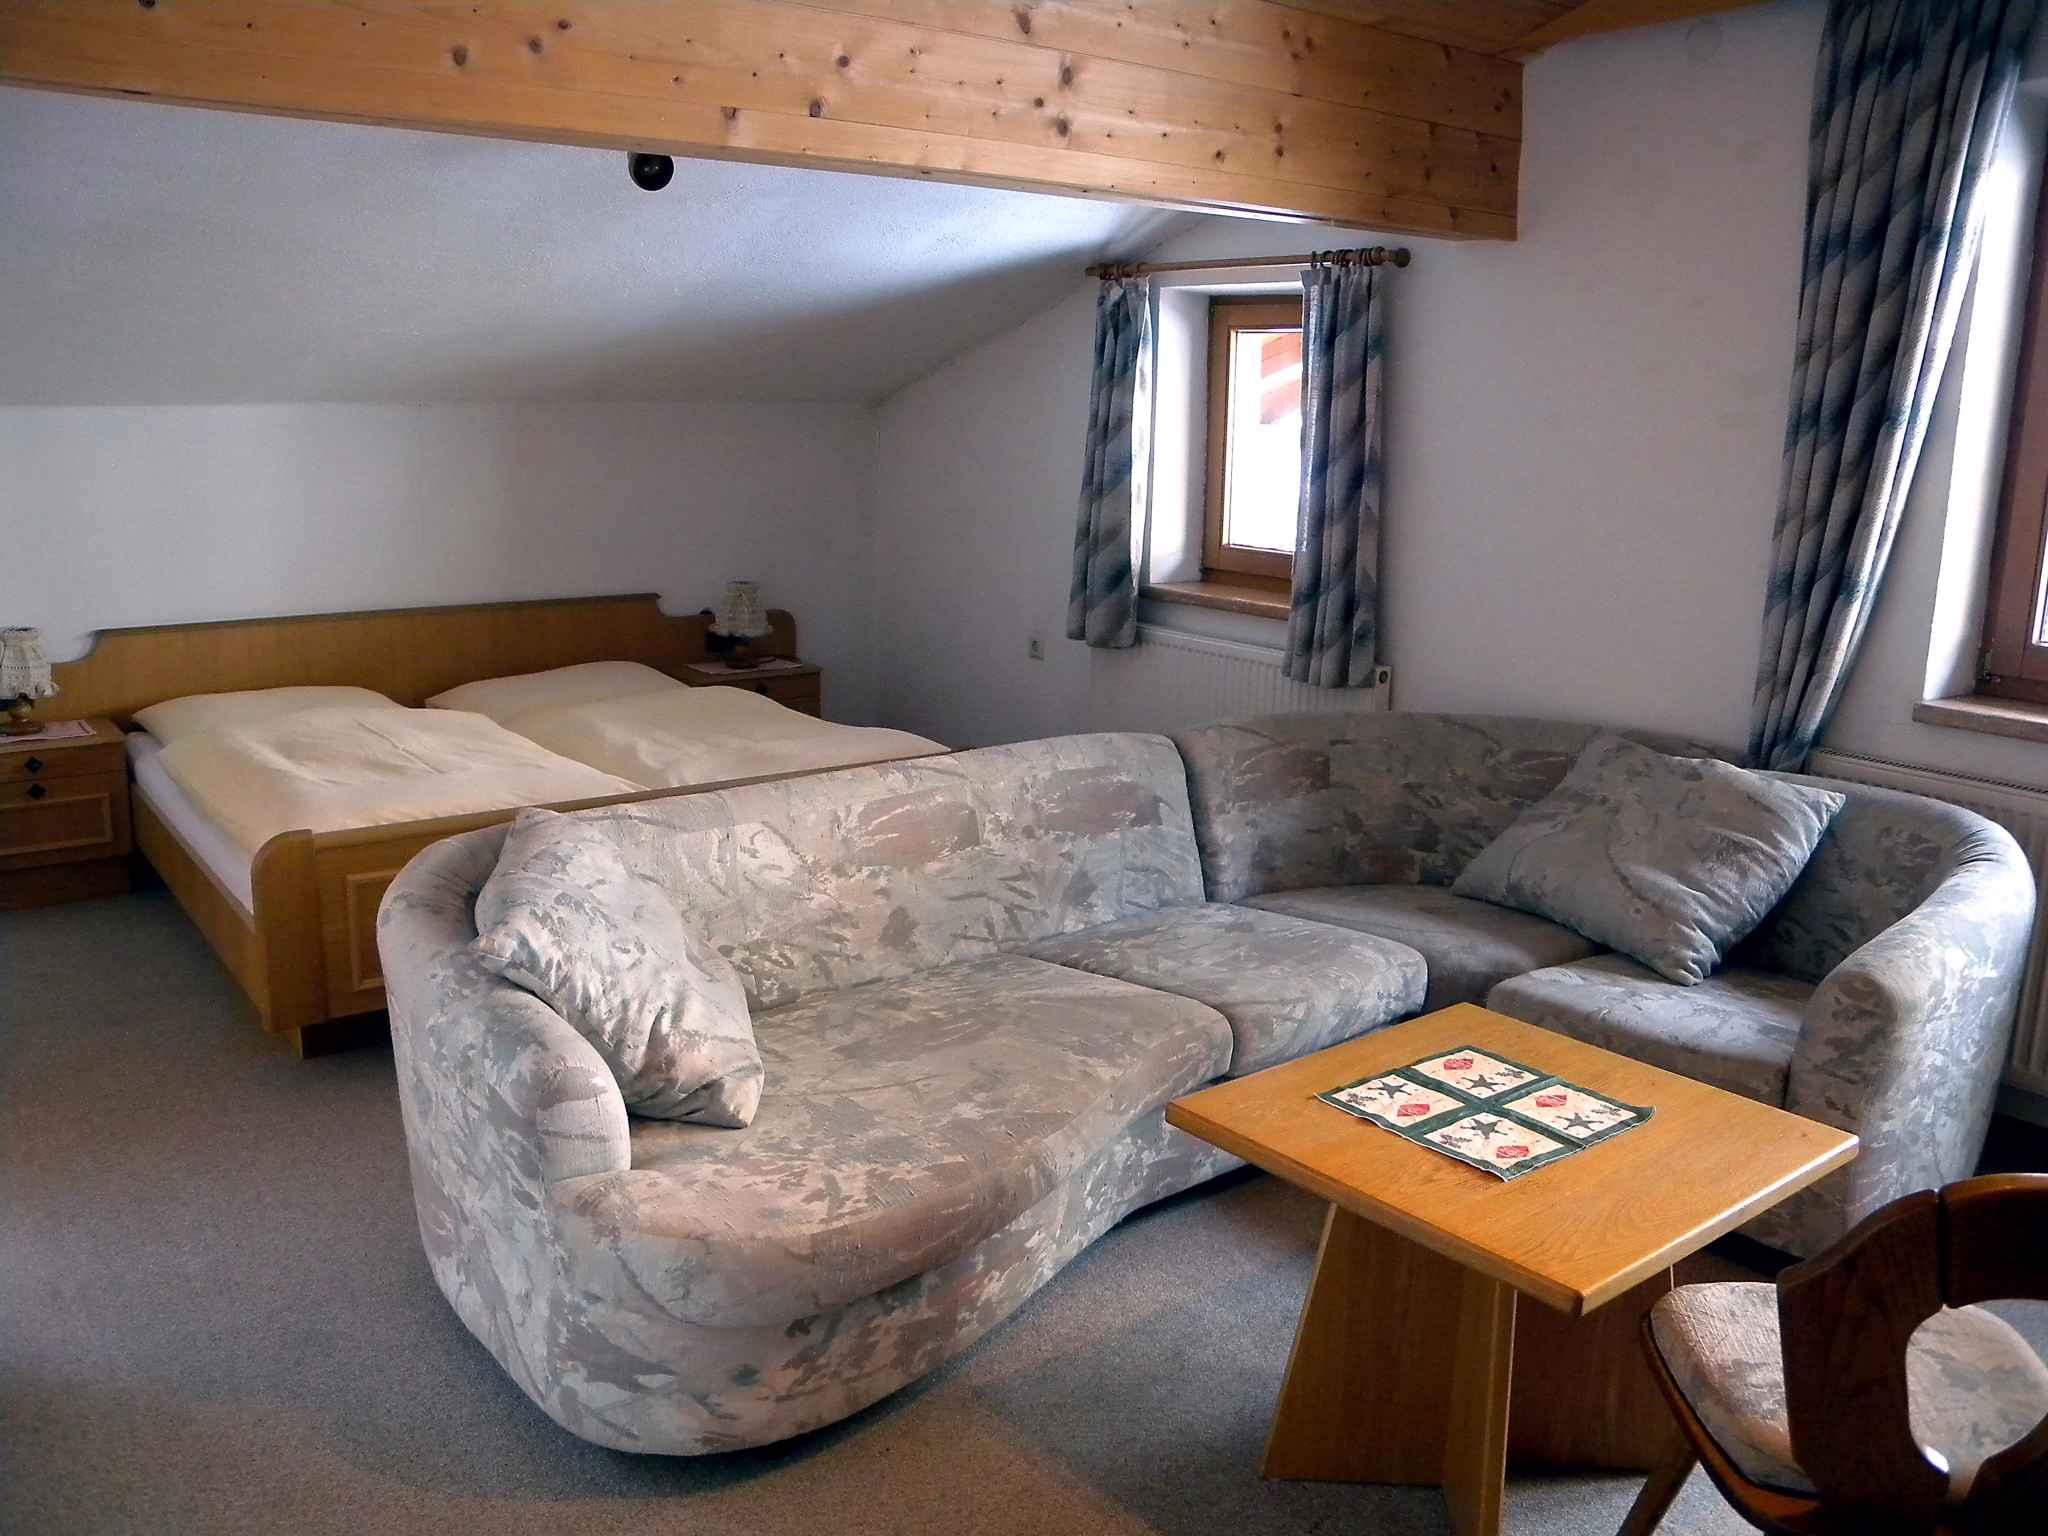 Ferienwohnung mit Balkon in Zentrumsnähe (283769), Kaltenbach, Zillertal, Tirol, Österreich, Bild 12